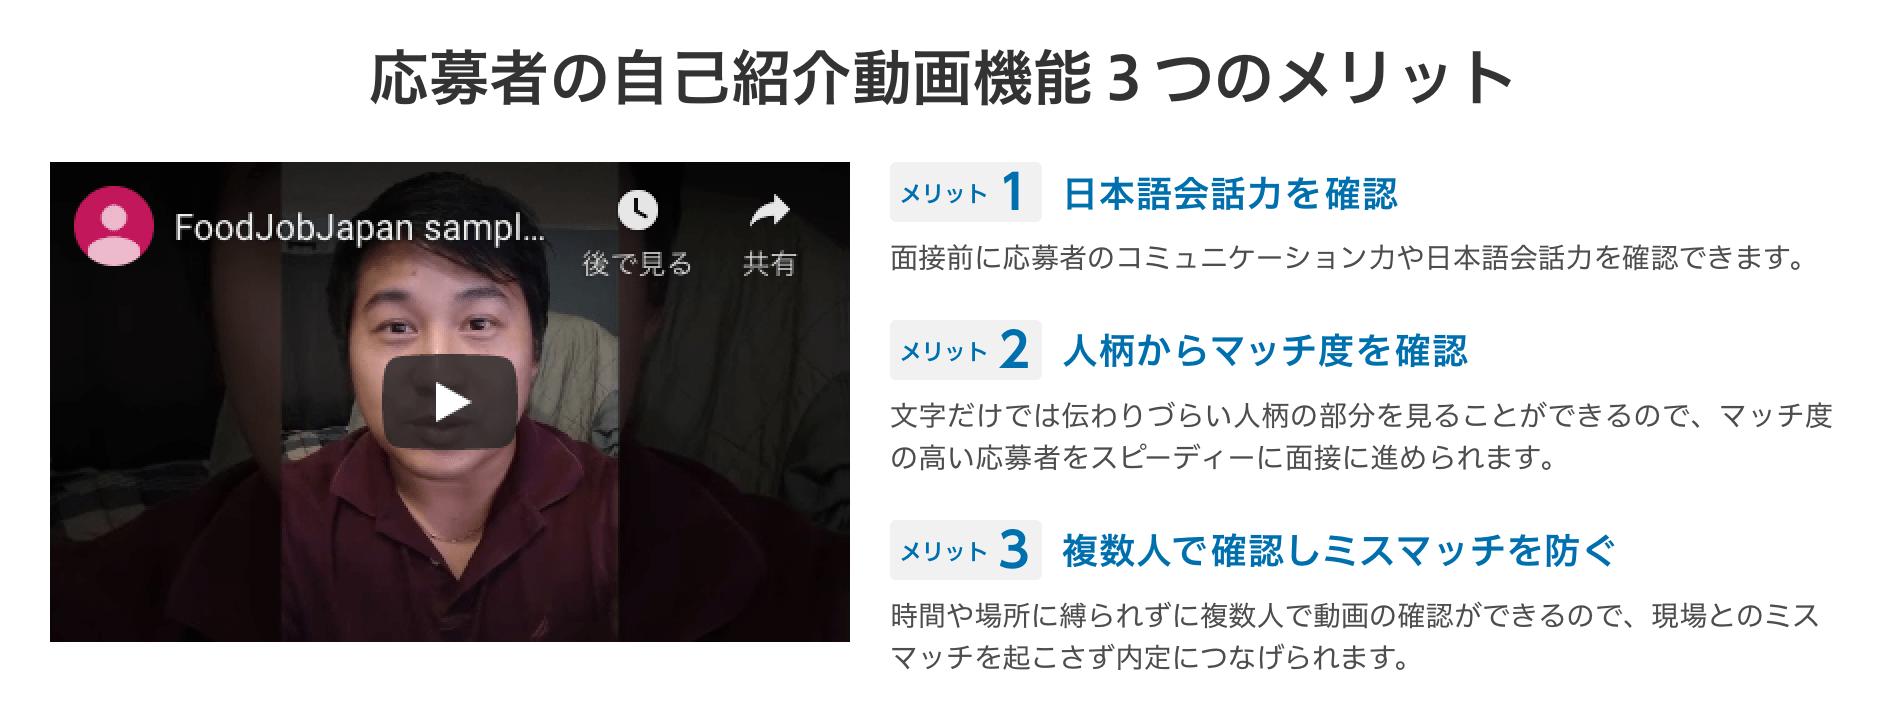 プレスリリース用@2x